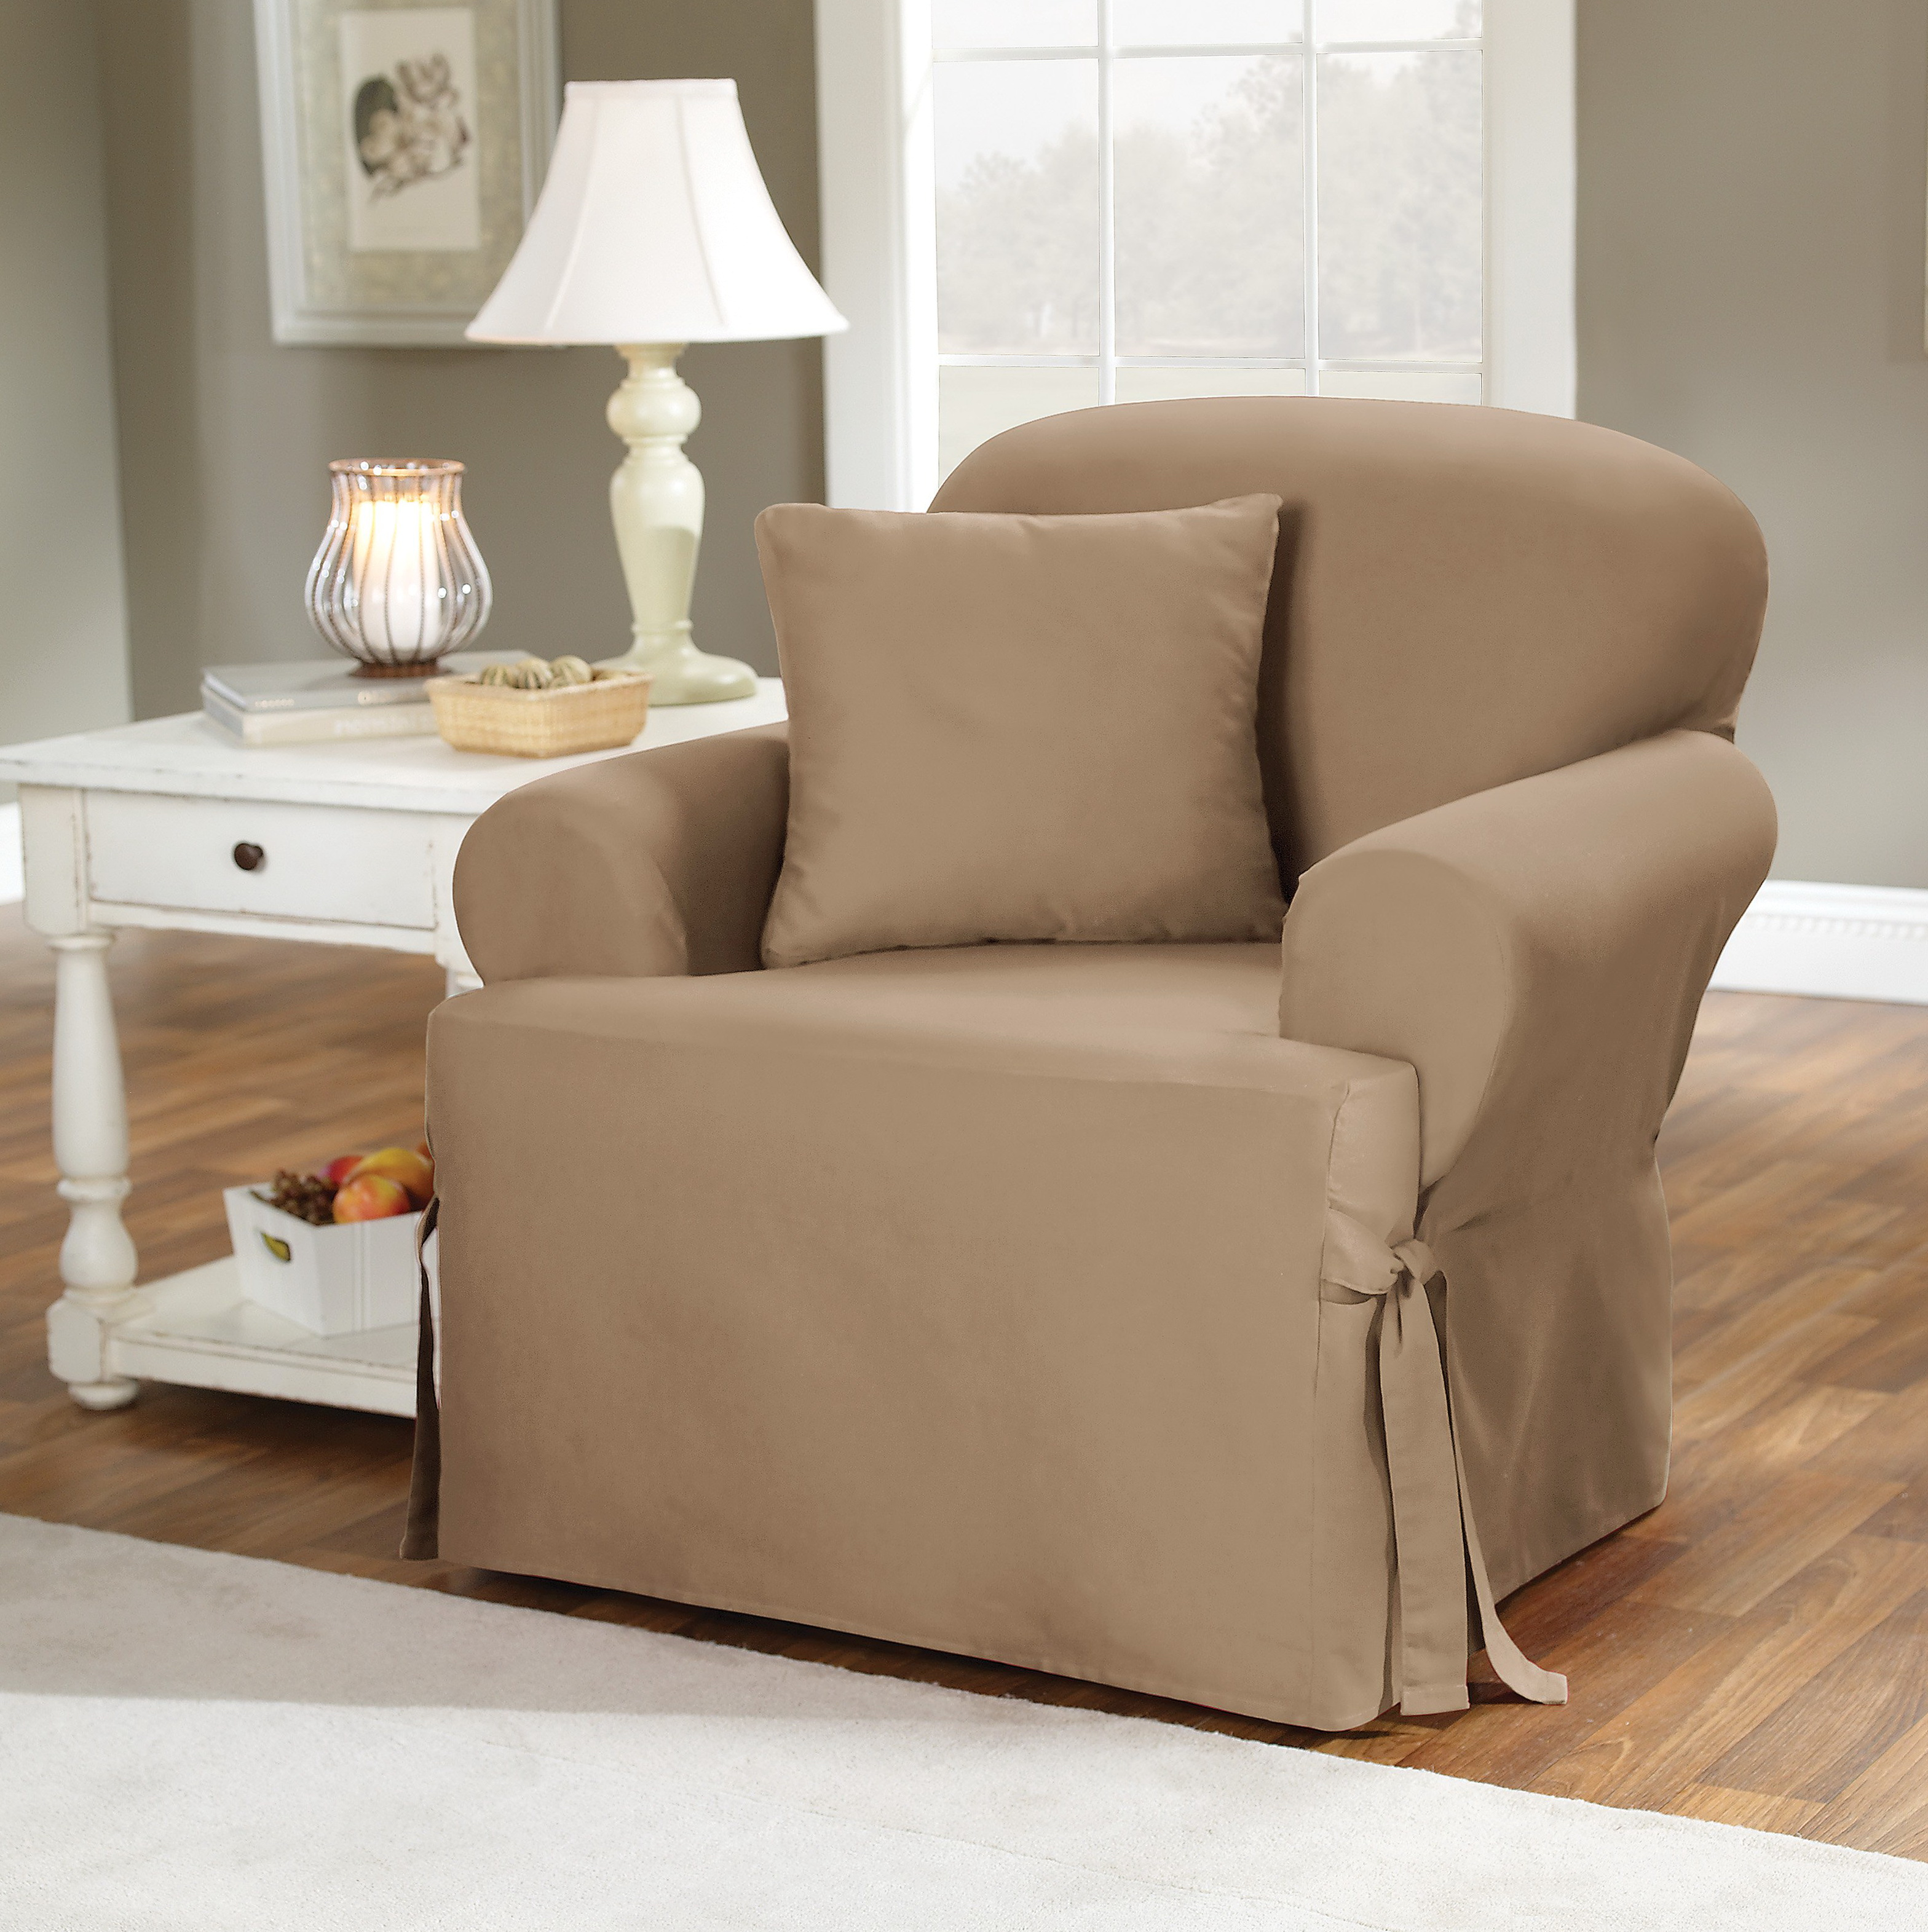 T Cushion Chair Slipcovers Home Design Ideas